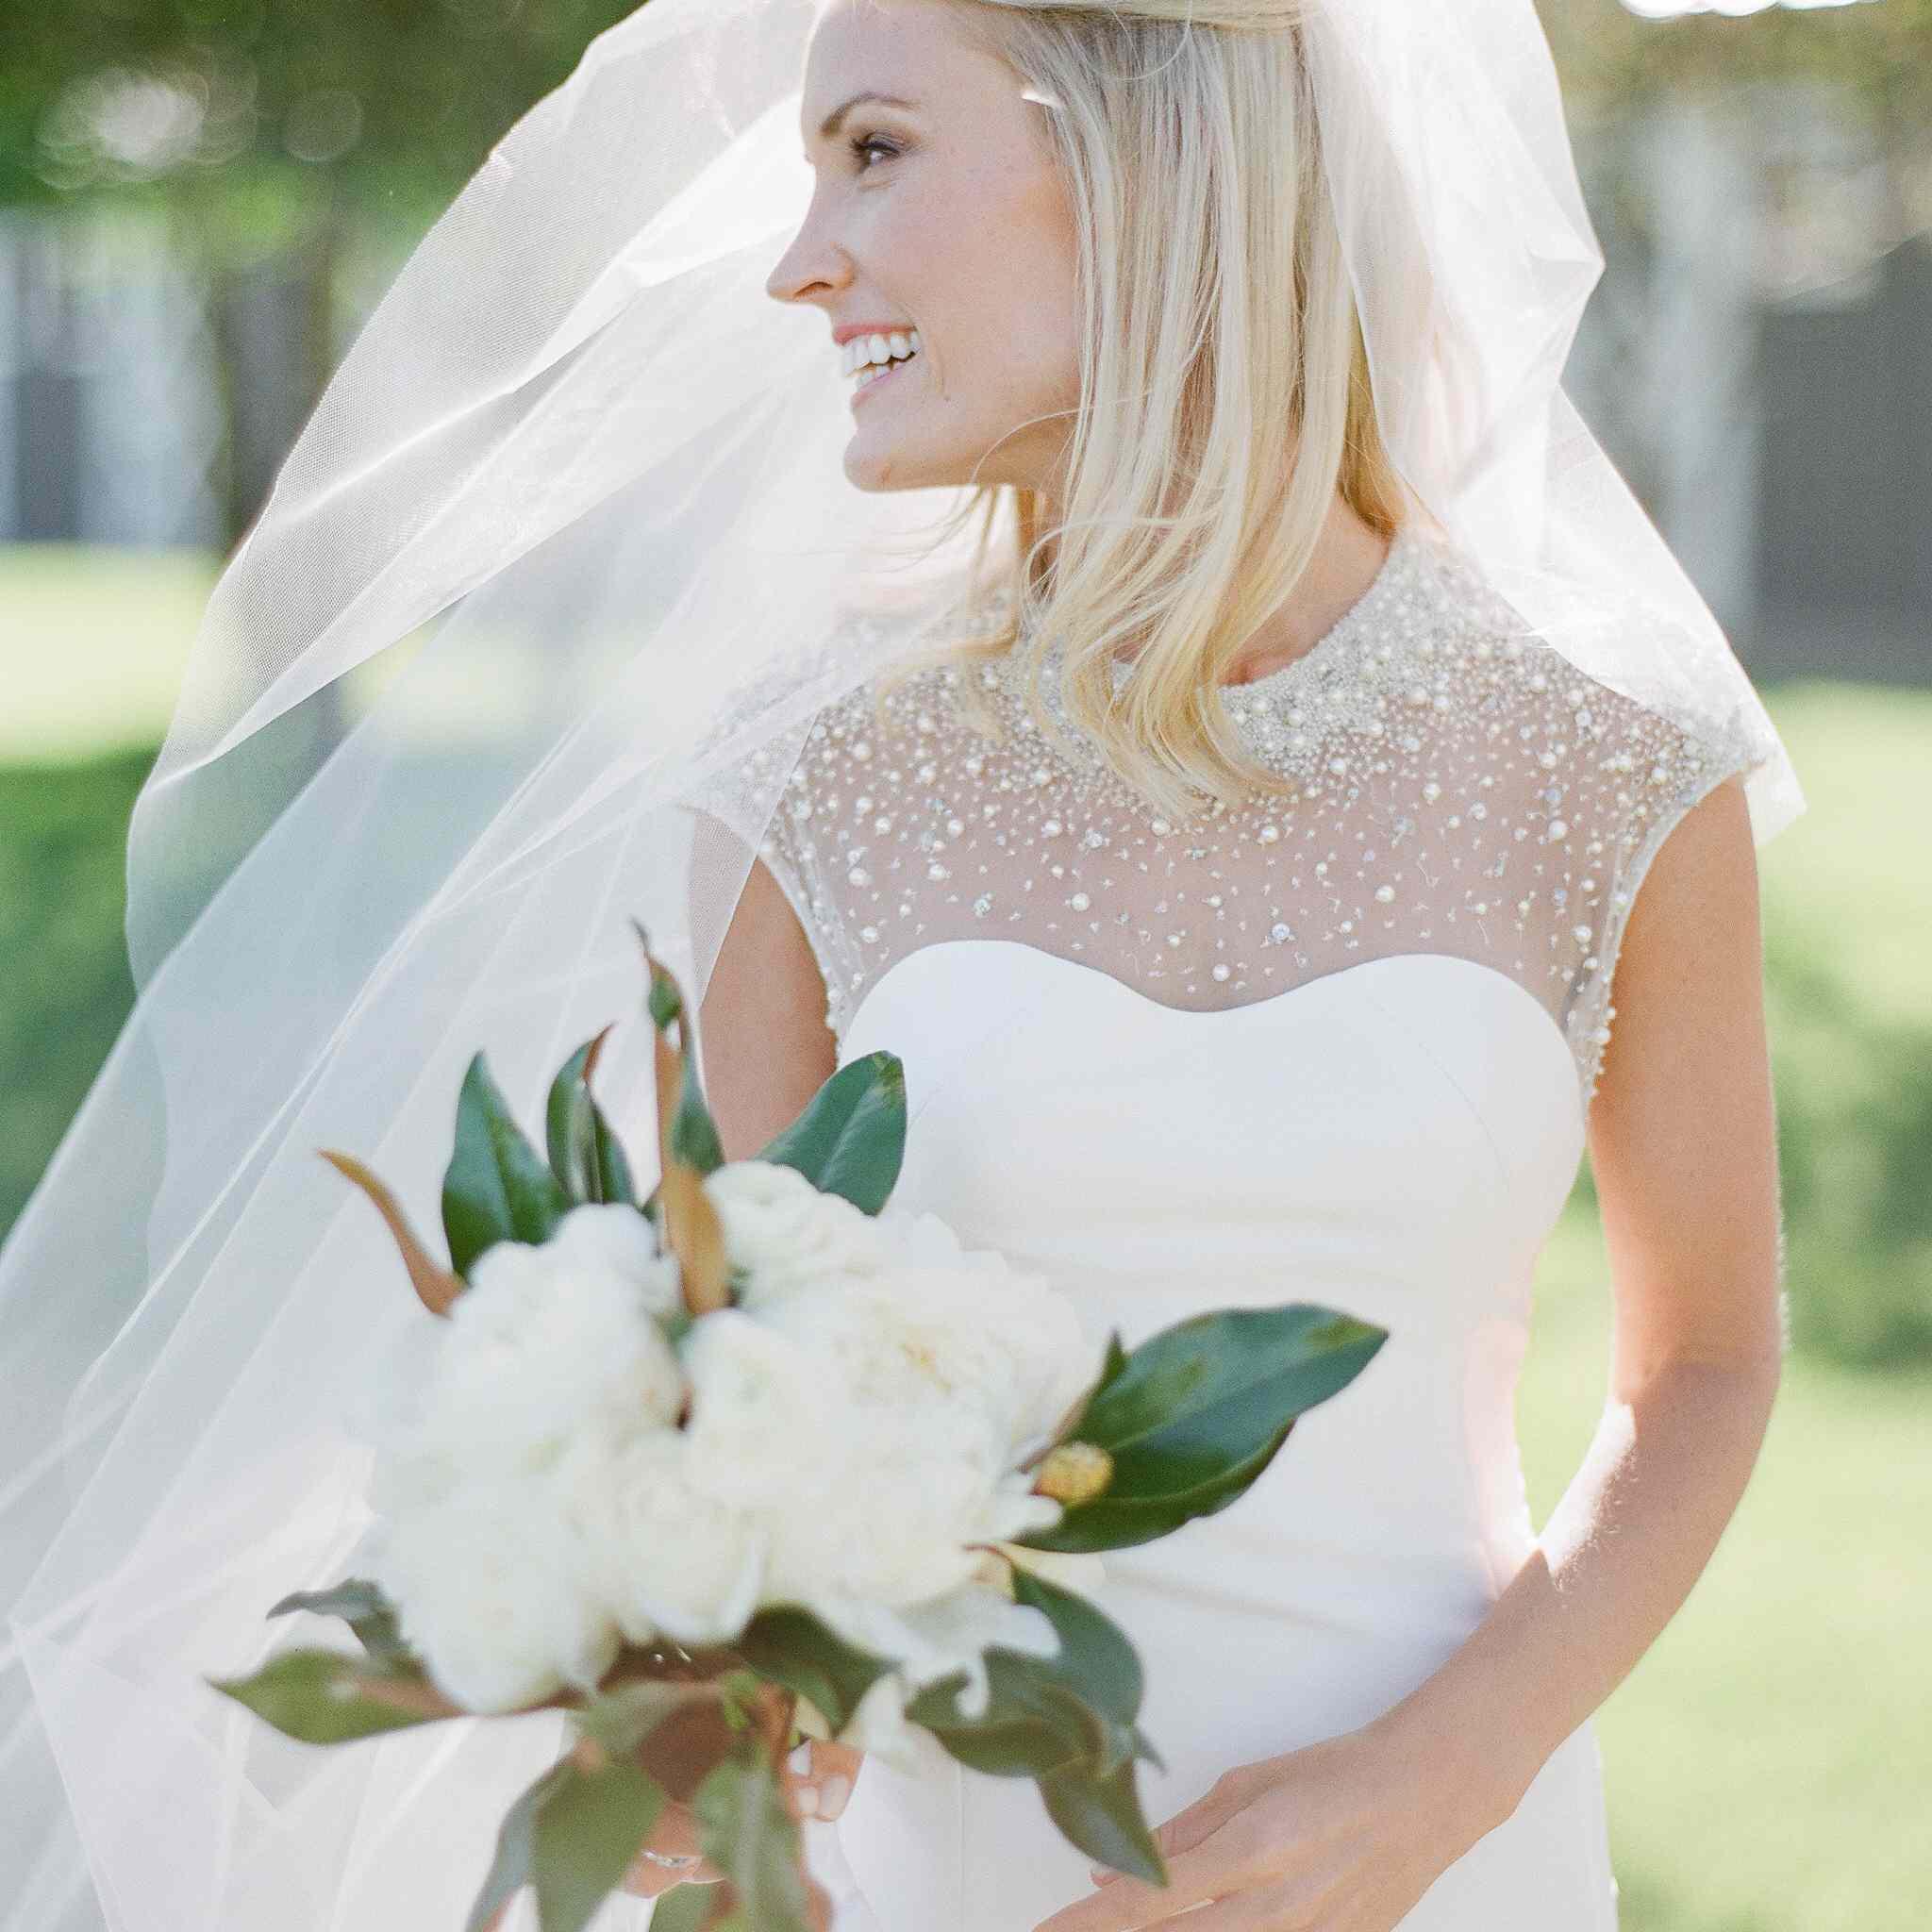 Bride solo shot with bouquet